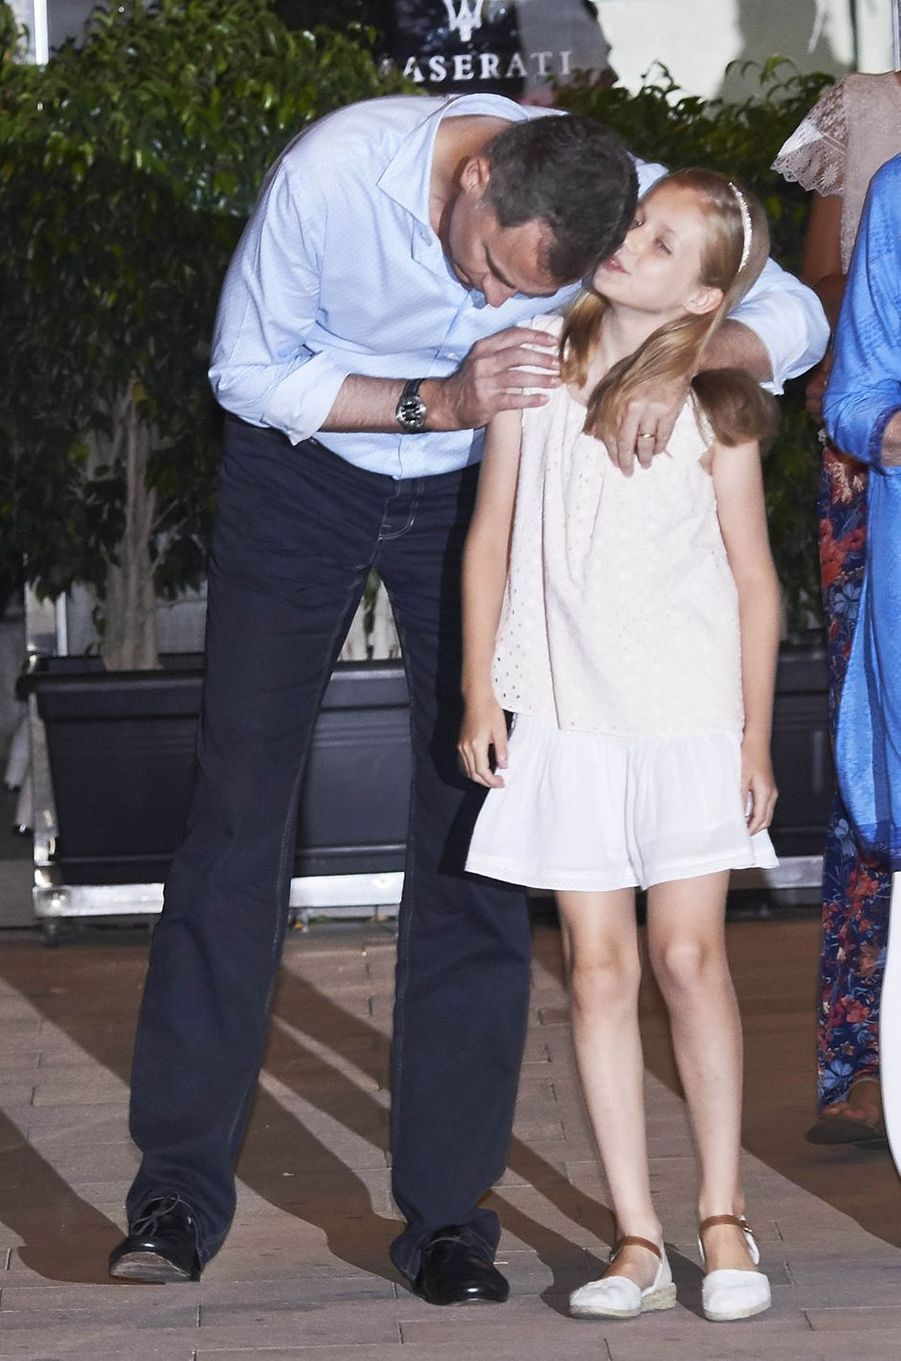 Le roi Felipe VI d'Espagne avec sa fille la princesse Leonor à Majorque, le 31 juillet 2016